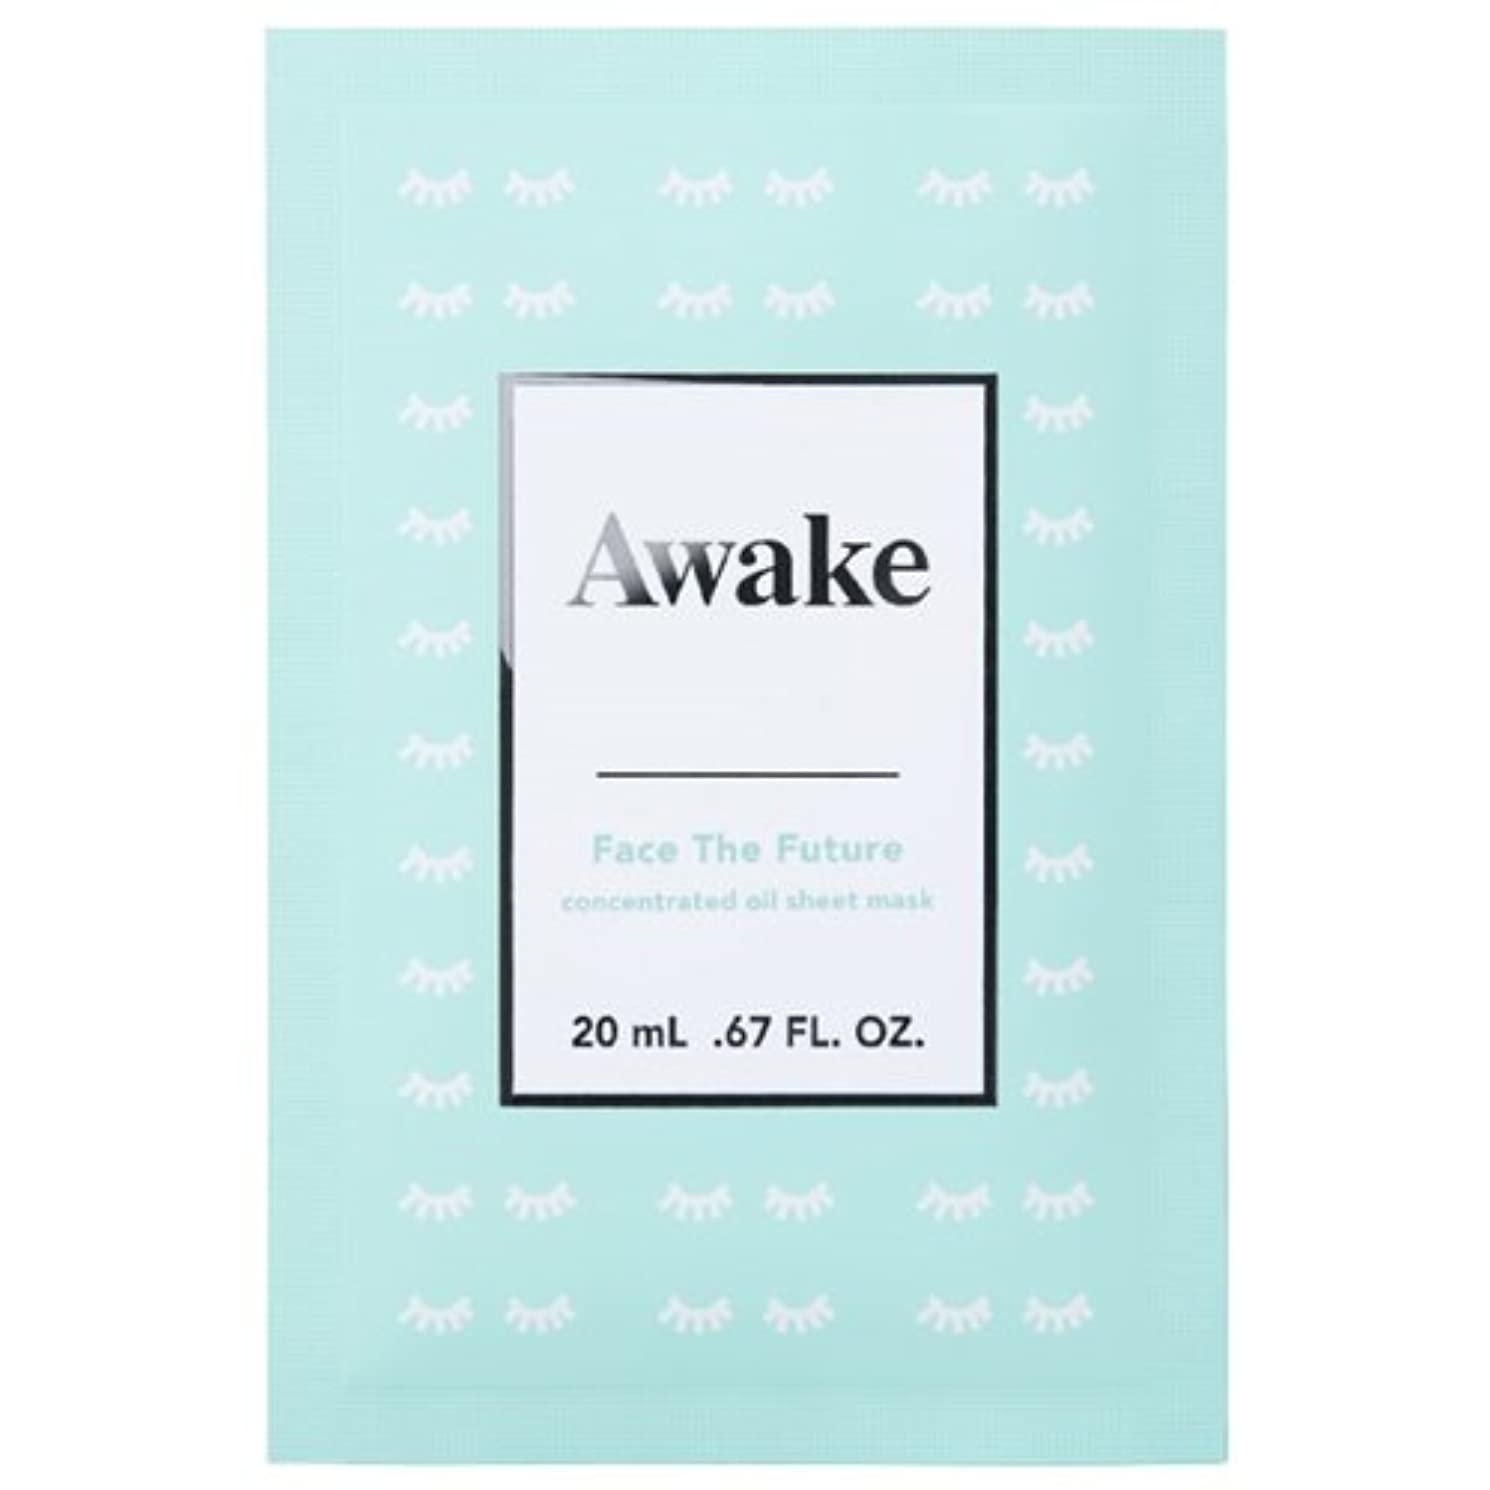 アウェイク(AWAKE) Awake(アウェイク) フェイスザフューチャー コンセントレイティッド オイルシートマスク (20mL × 6枚入)